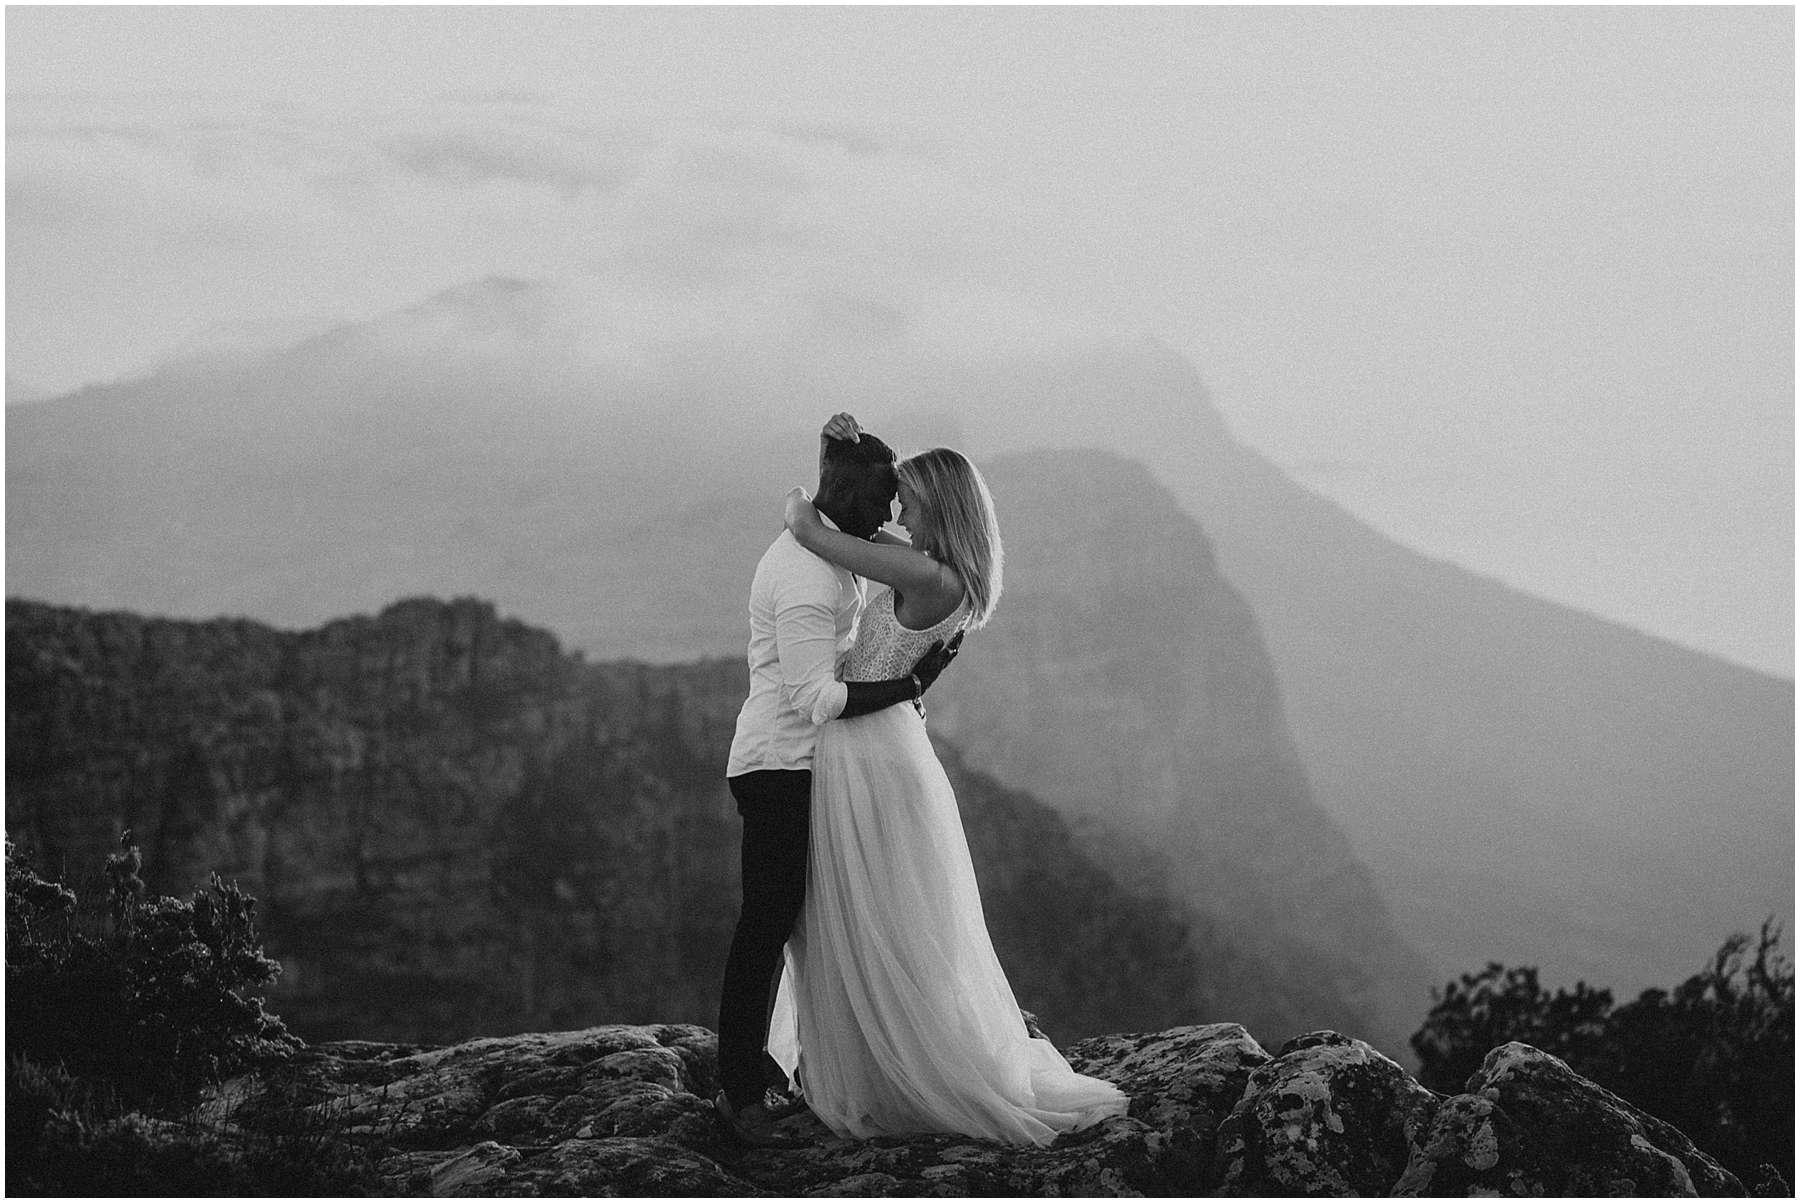 LOTTYH-South-Africa-Elopement-Photographer_0033.jpg